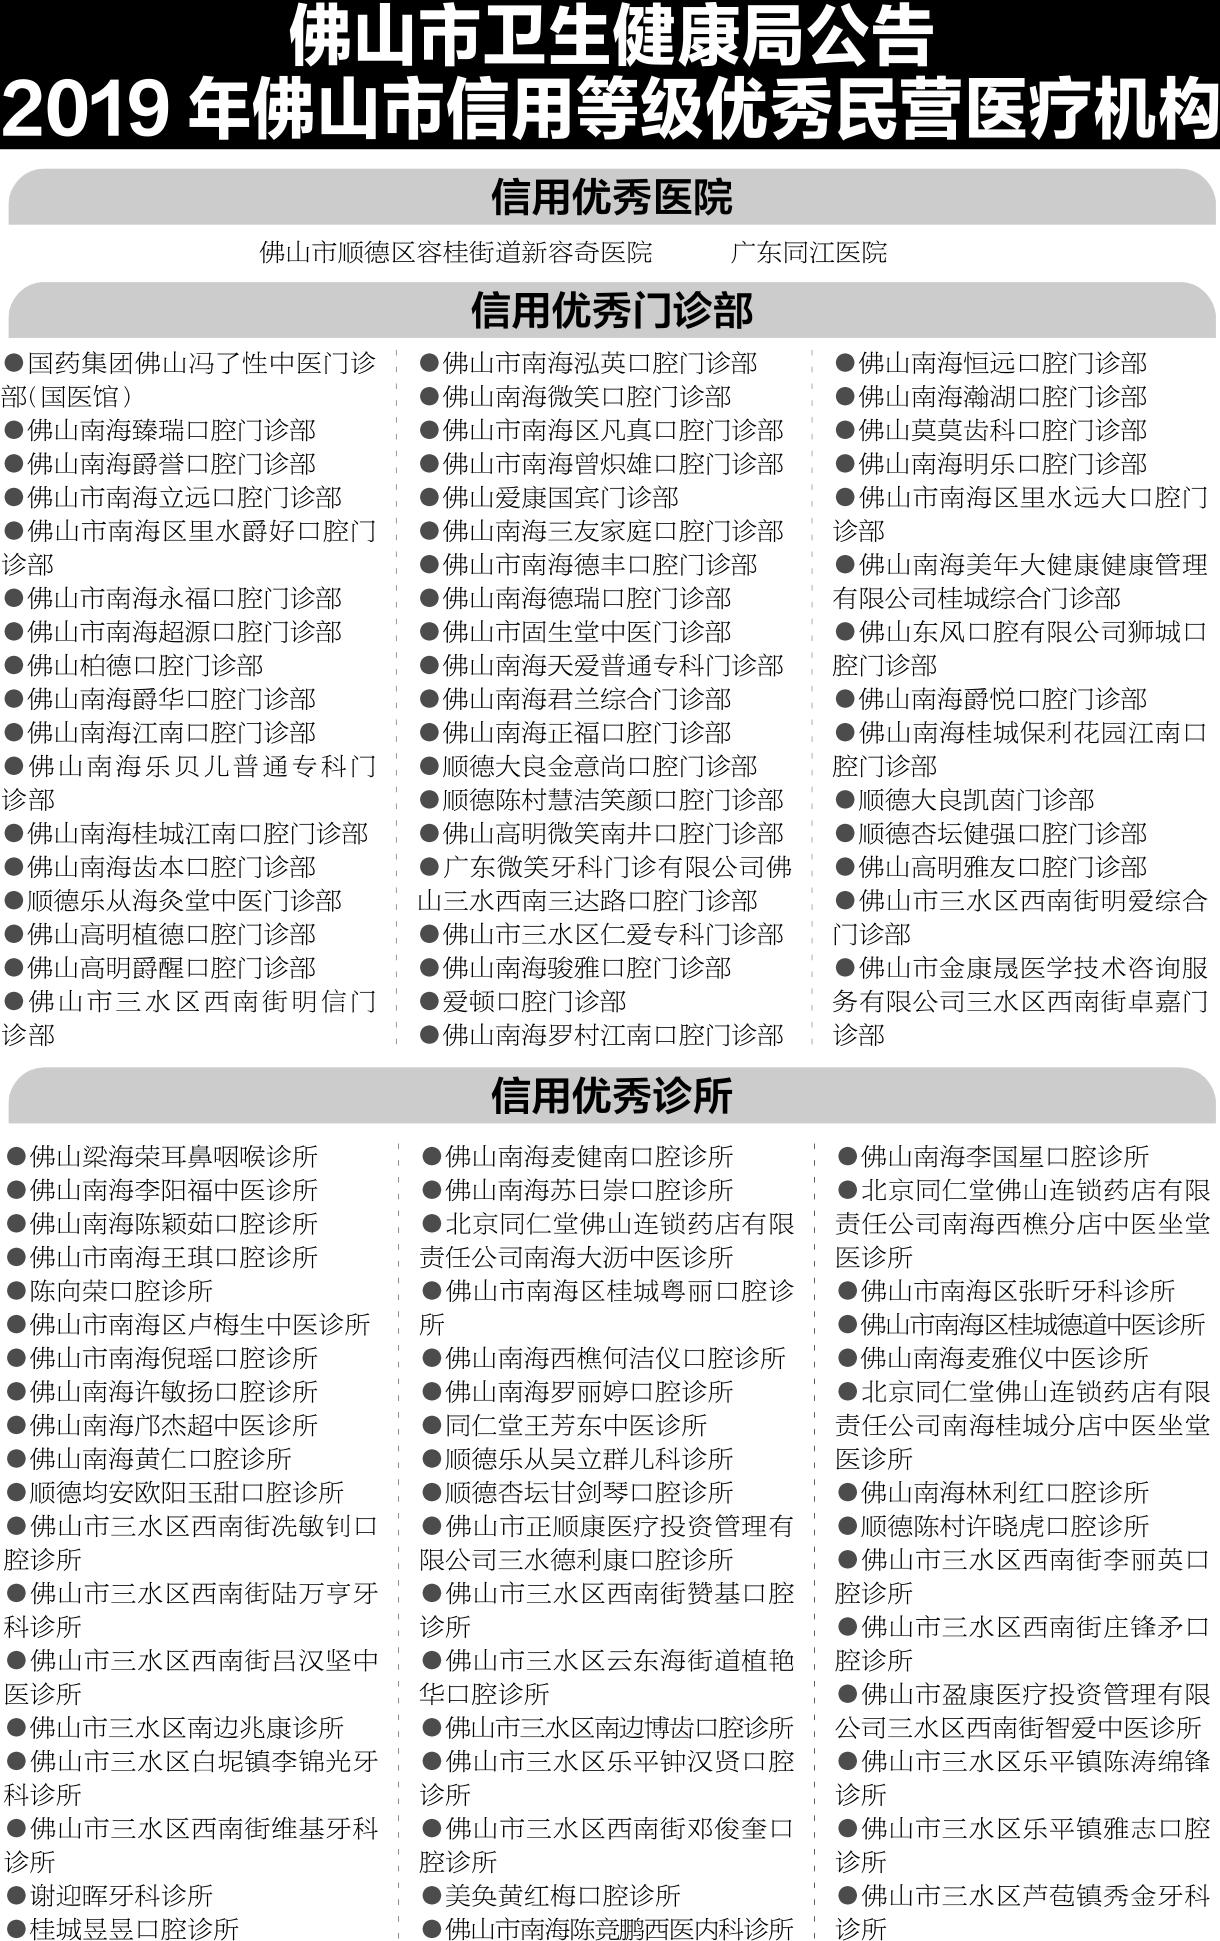 """佛山103家民营医疗机构获评""""优秀"""""""